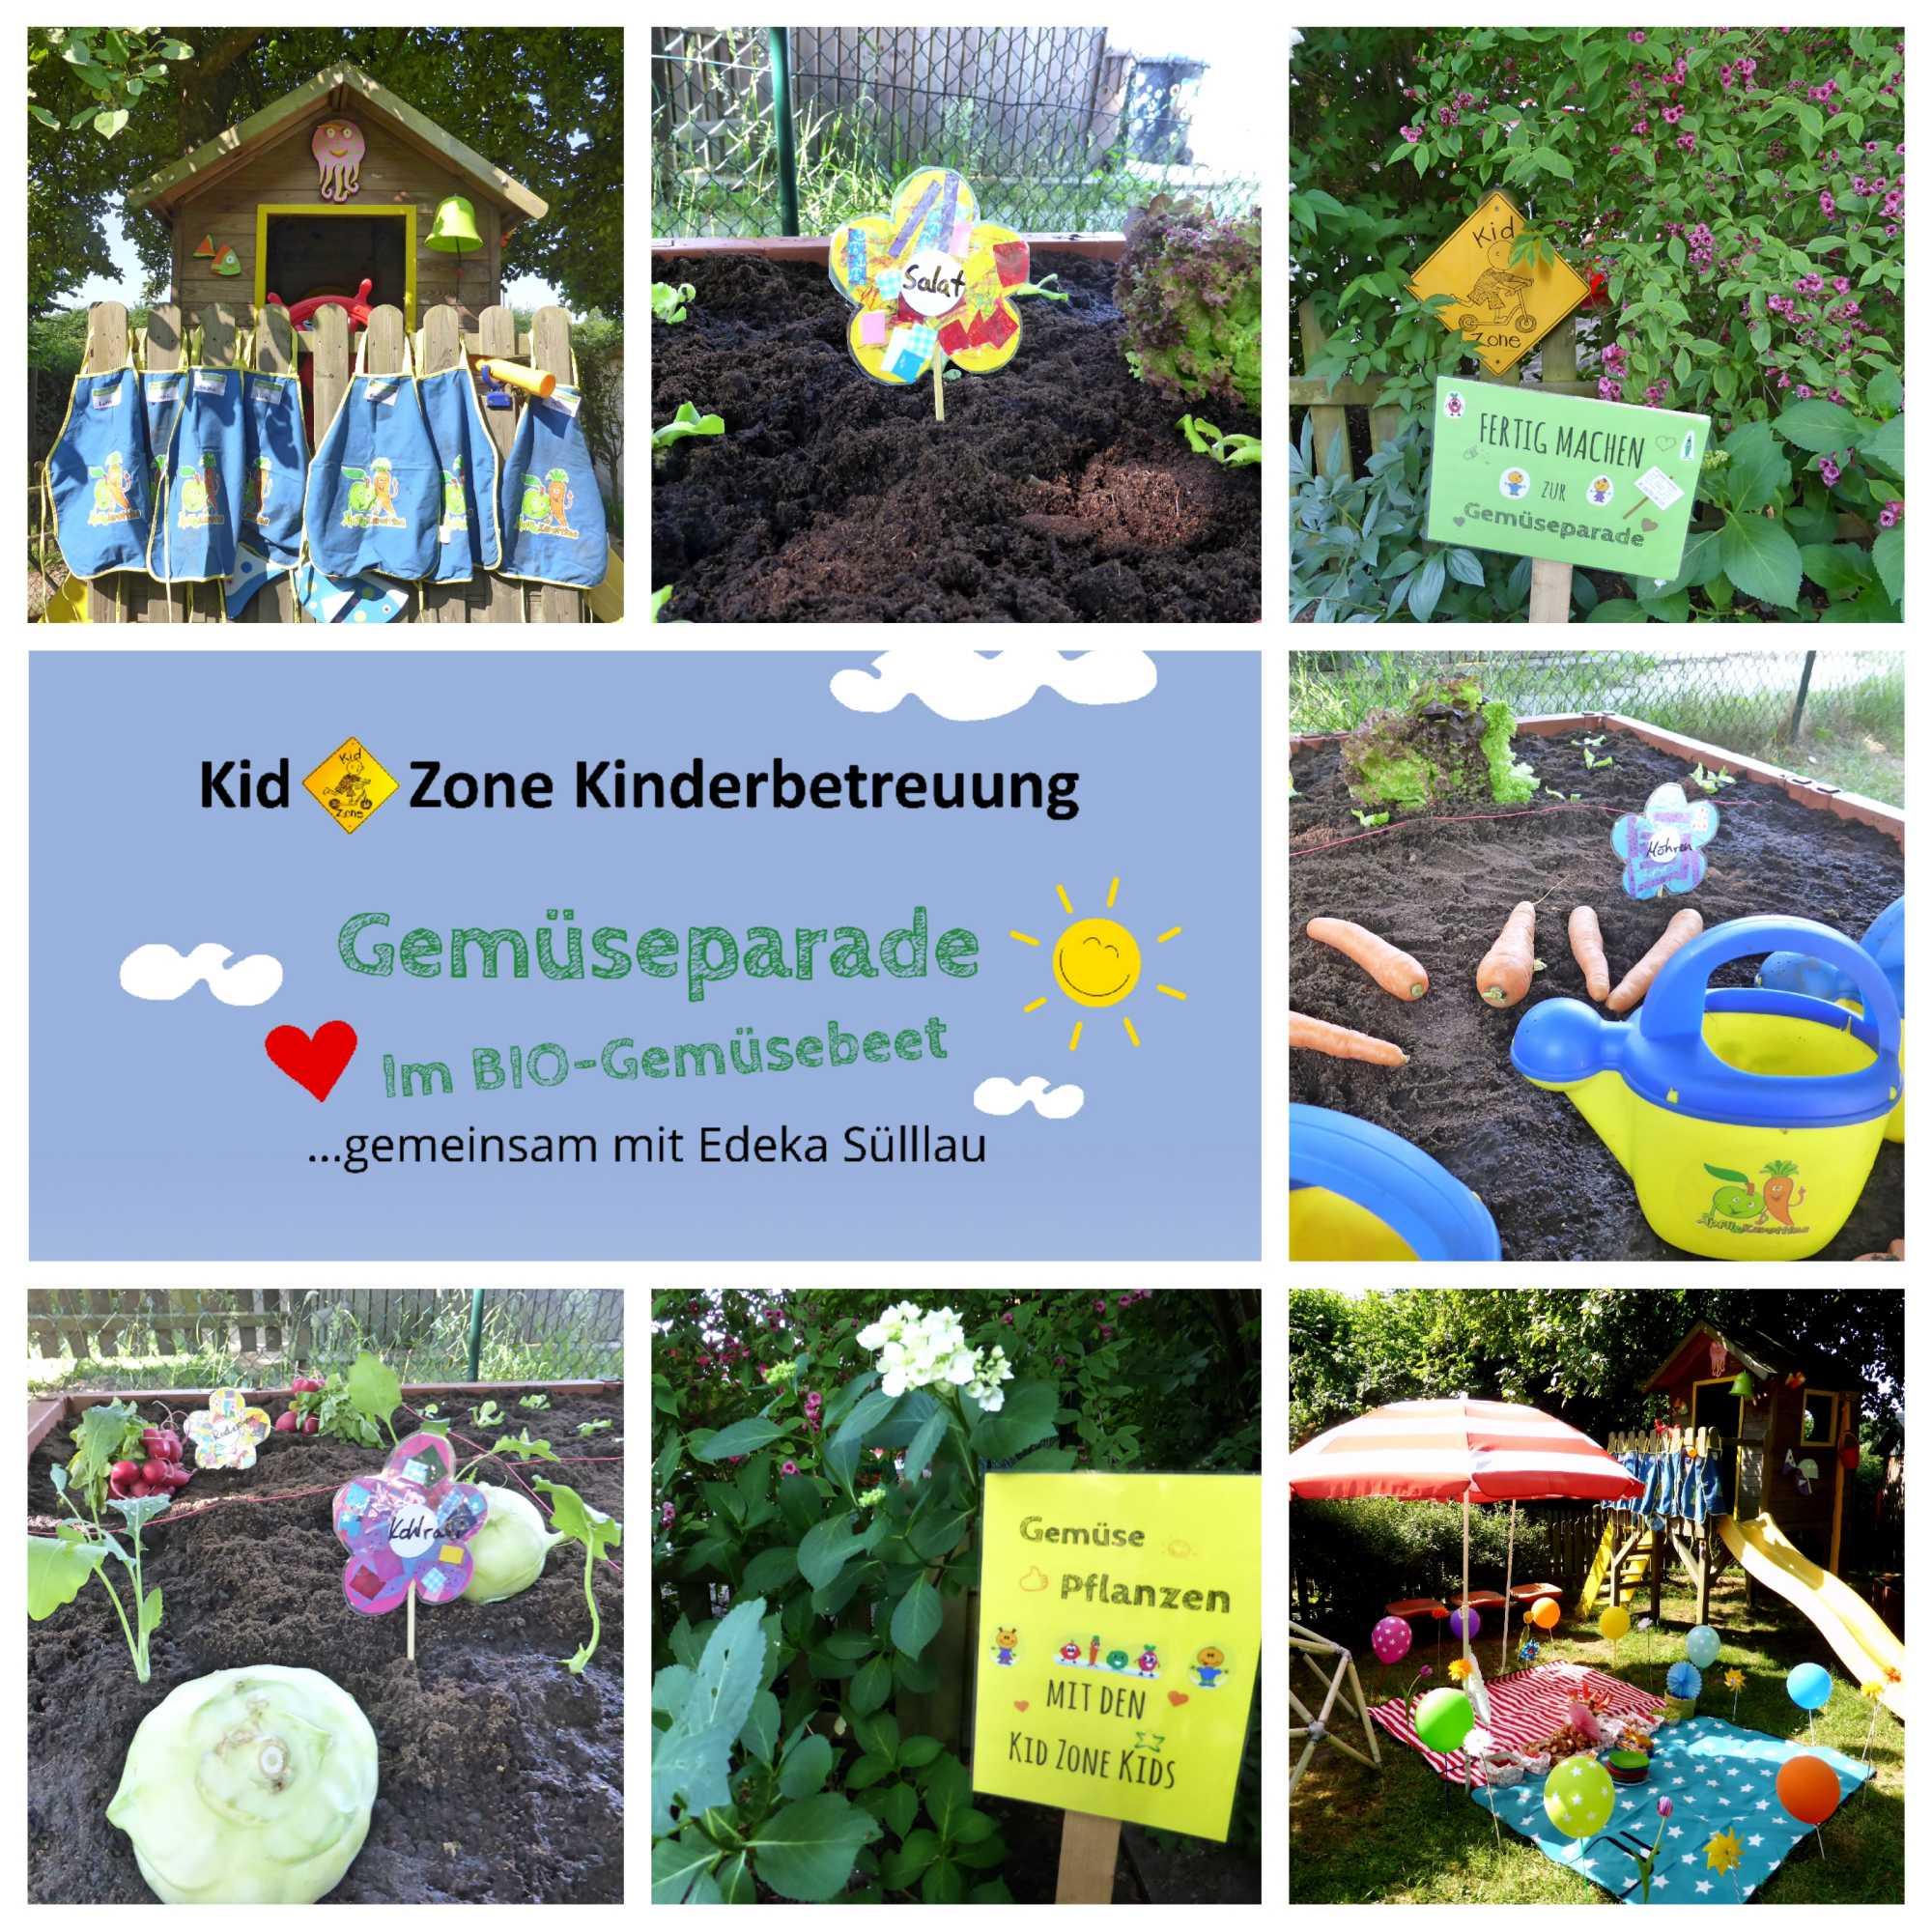 Kid Zone Aktion Gemüsebeet Bepflanzung 2018 - Naturerlebnisse und Ausflüge